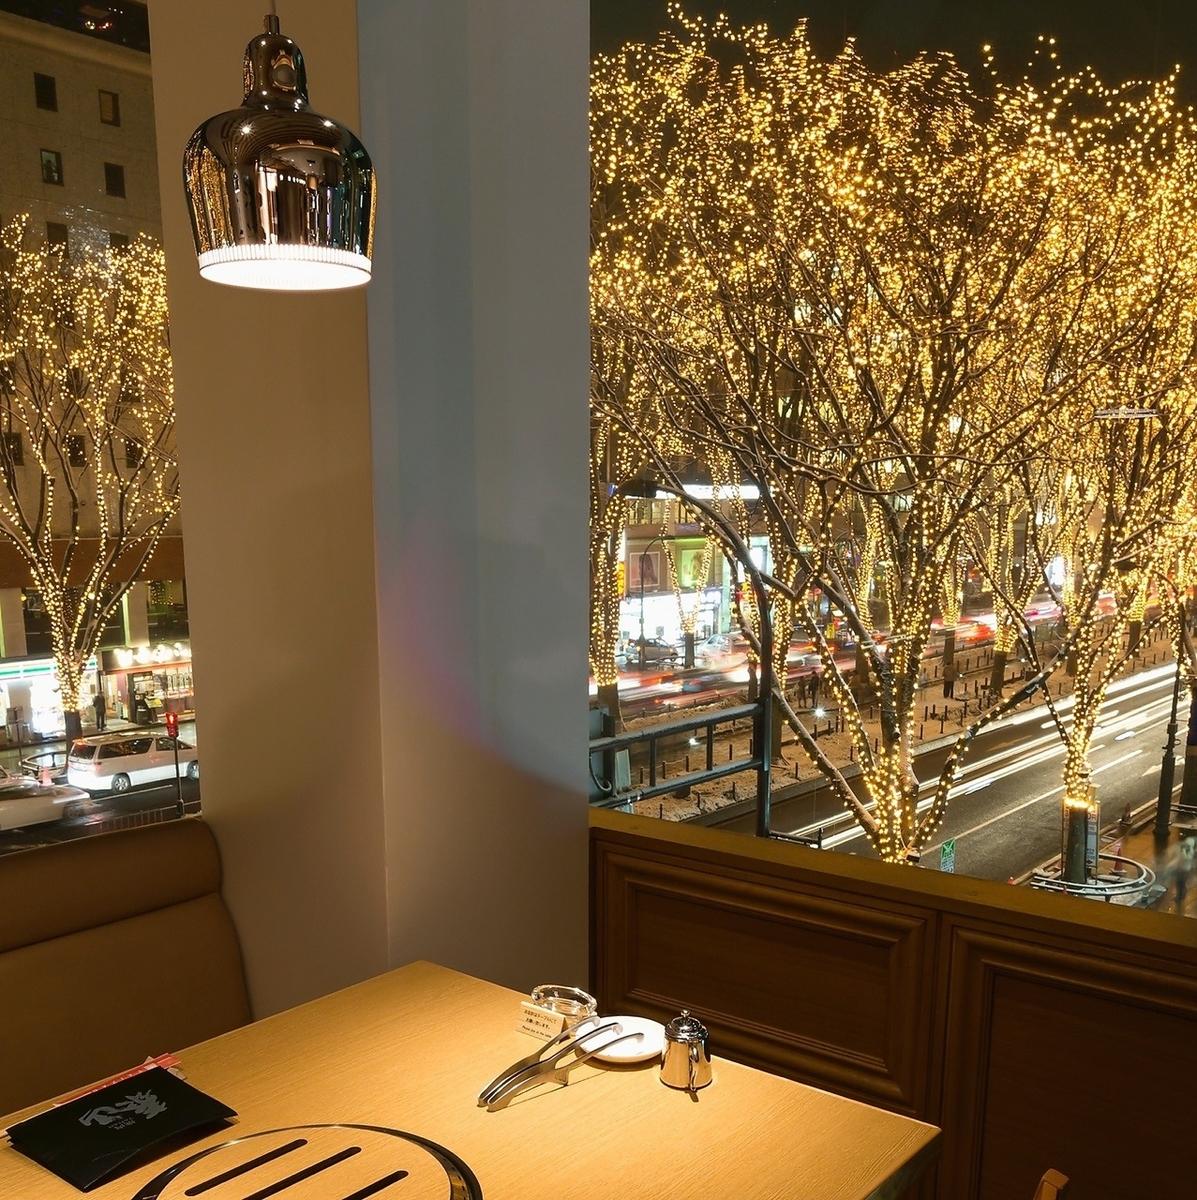 光のページェントを眺められる、定禅寺通り側のテーブル席。カップルでのデートにもおすすめです。